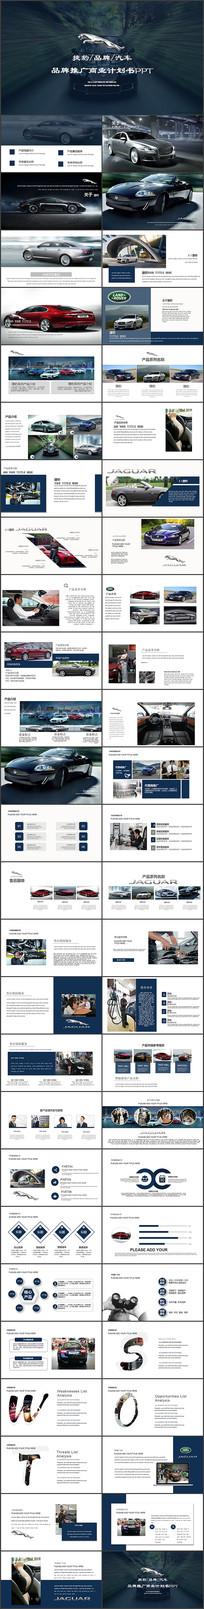 捷豹汽车营销商业计划PPT